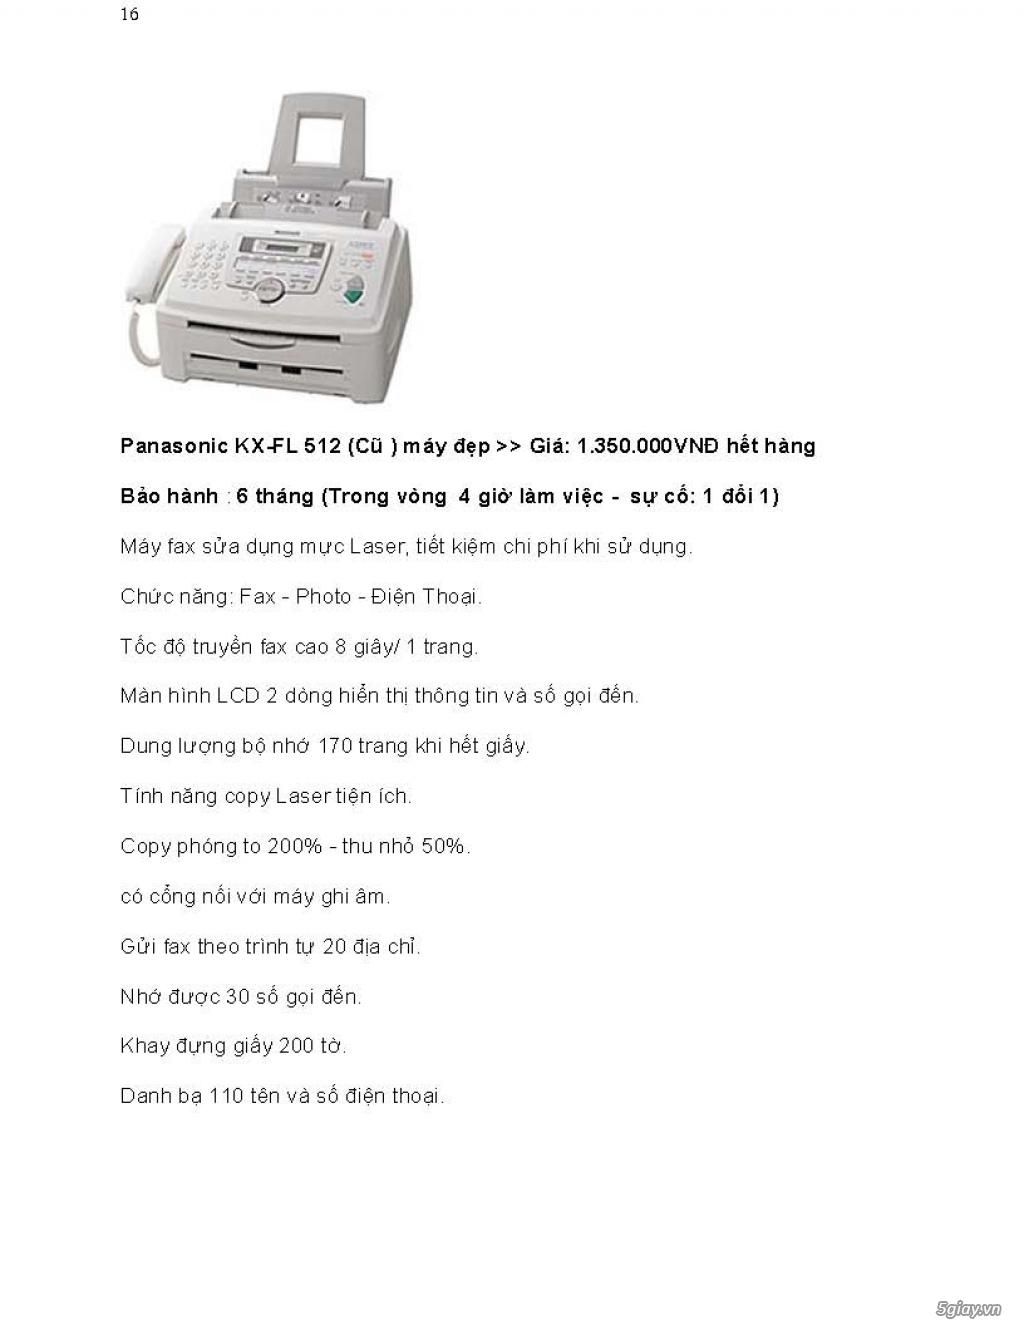 Sửa chữa Bộ Đàm,Máy Fax,Tổng Đài - 27